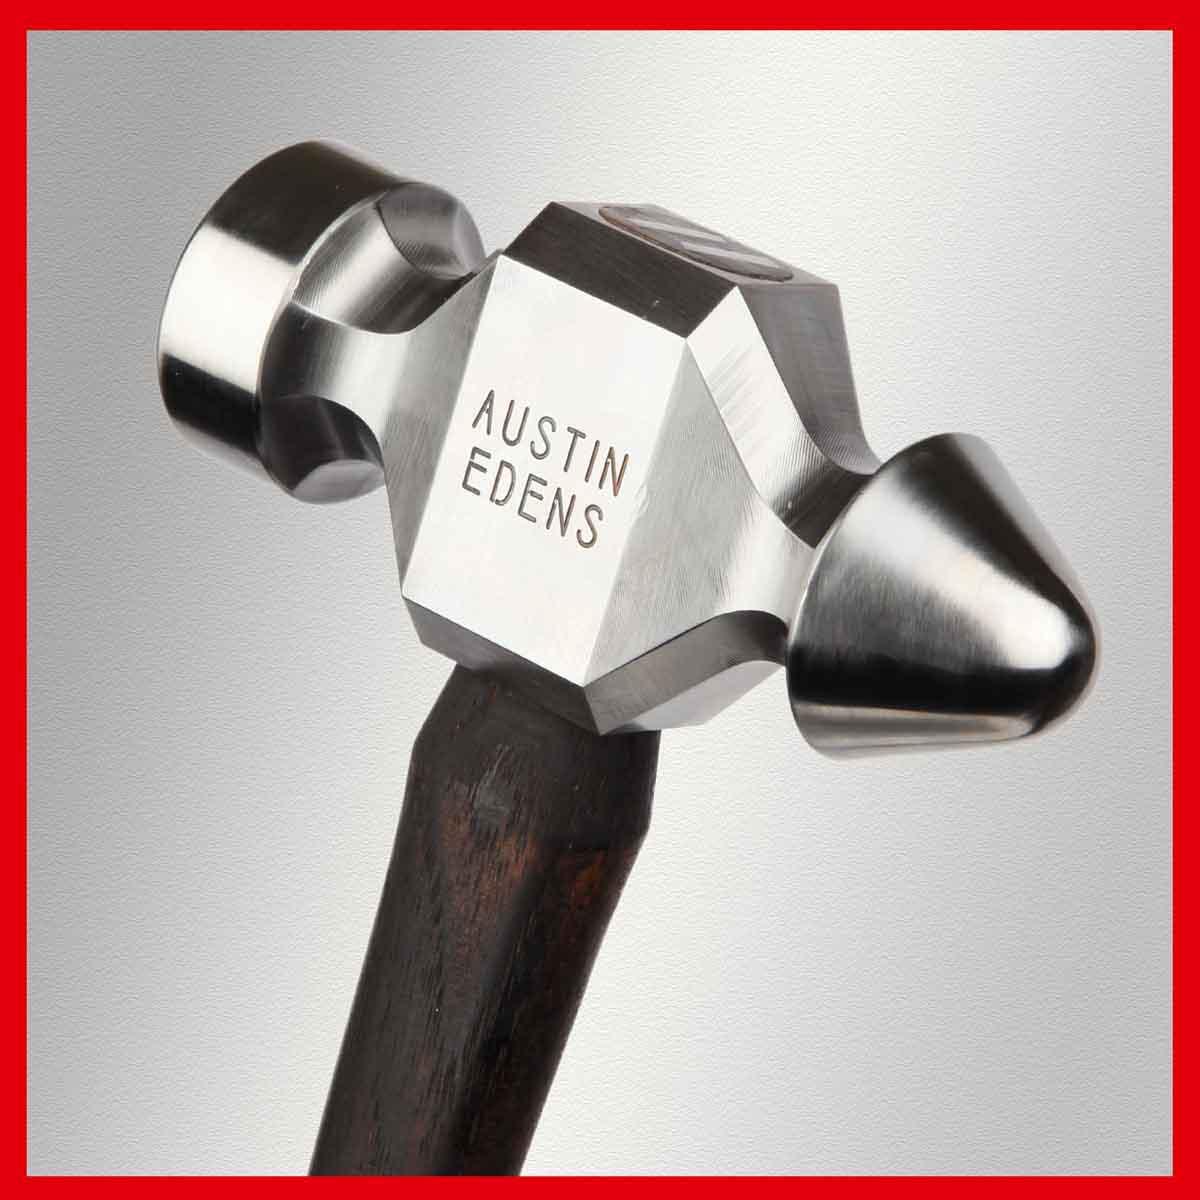 Austin Eden Clipping Hammers